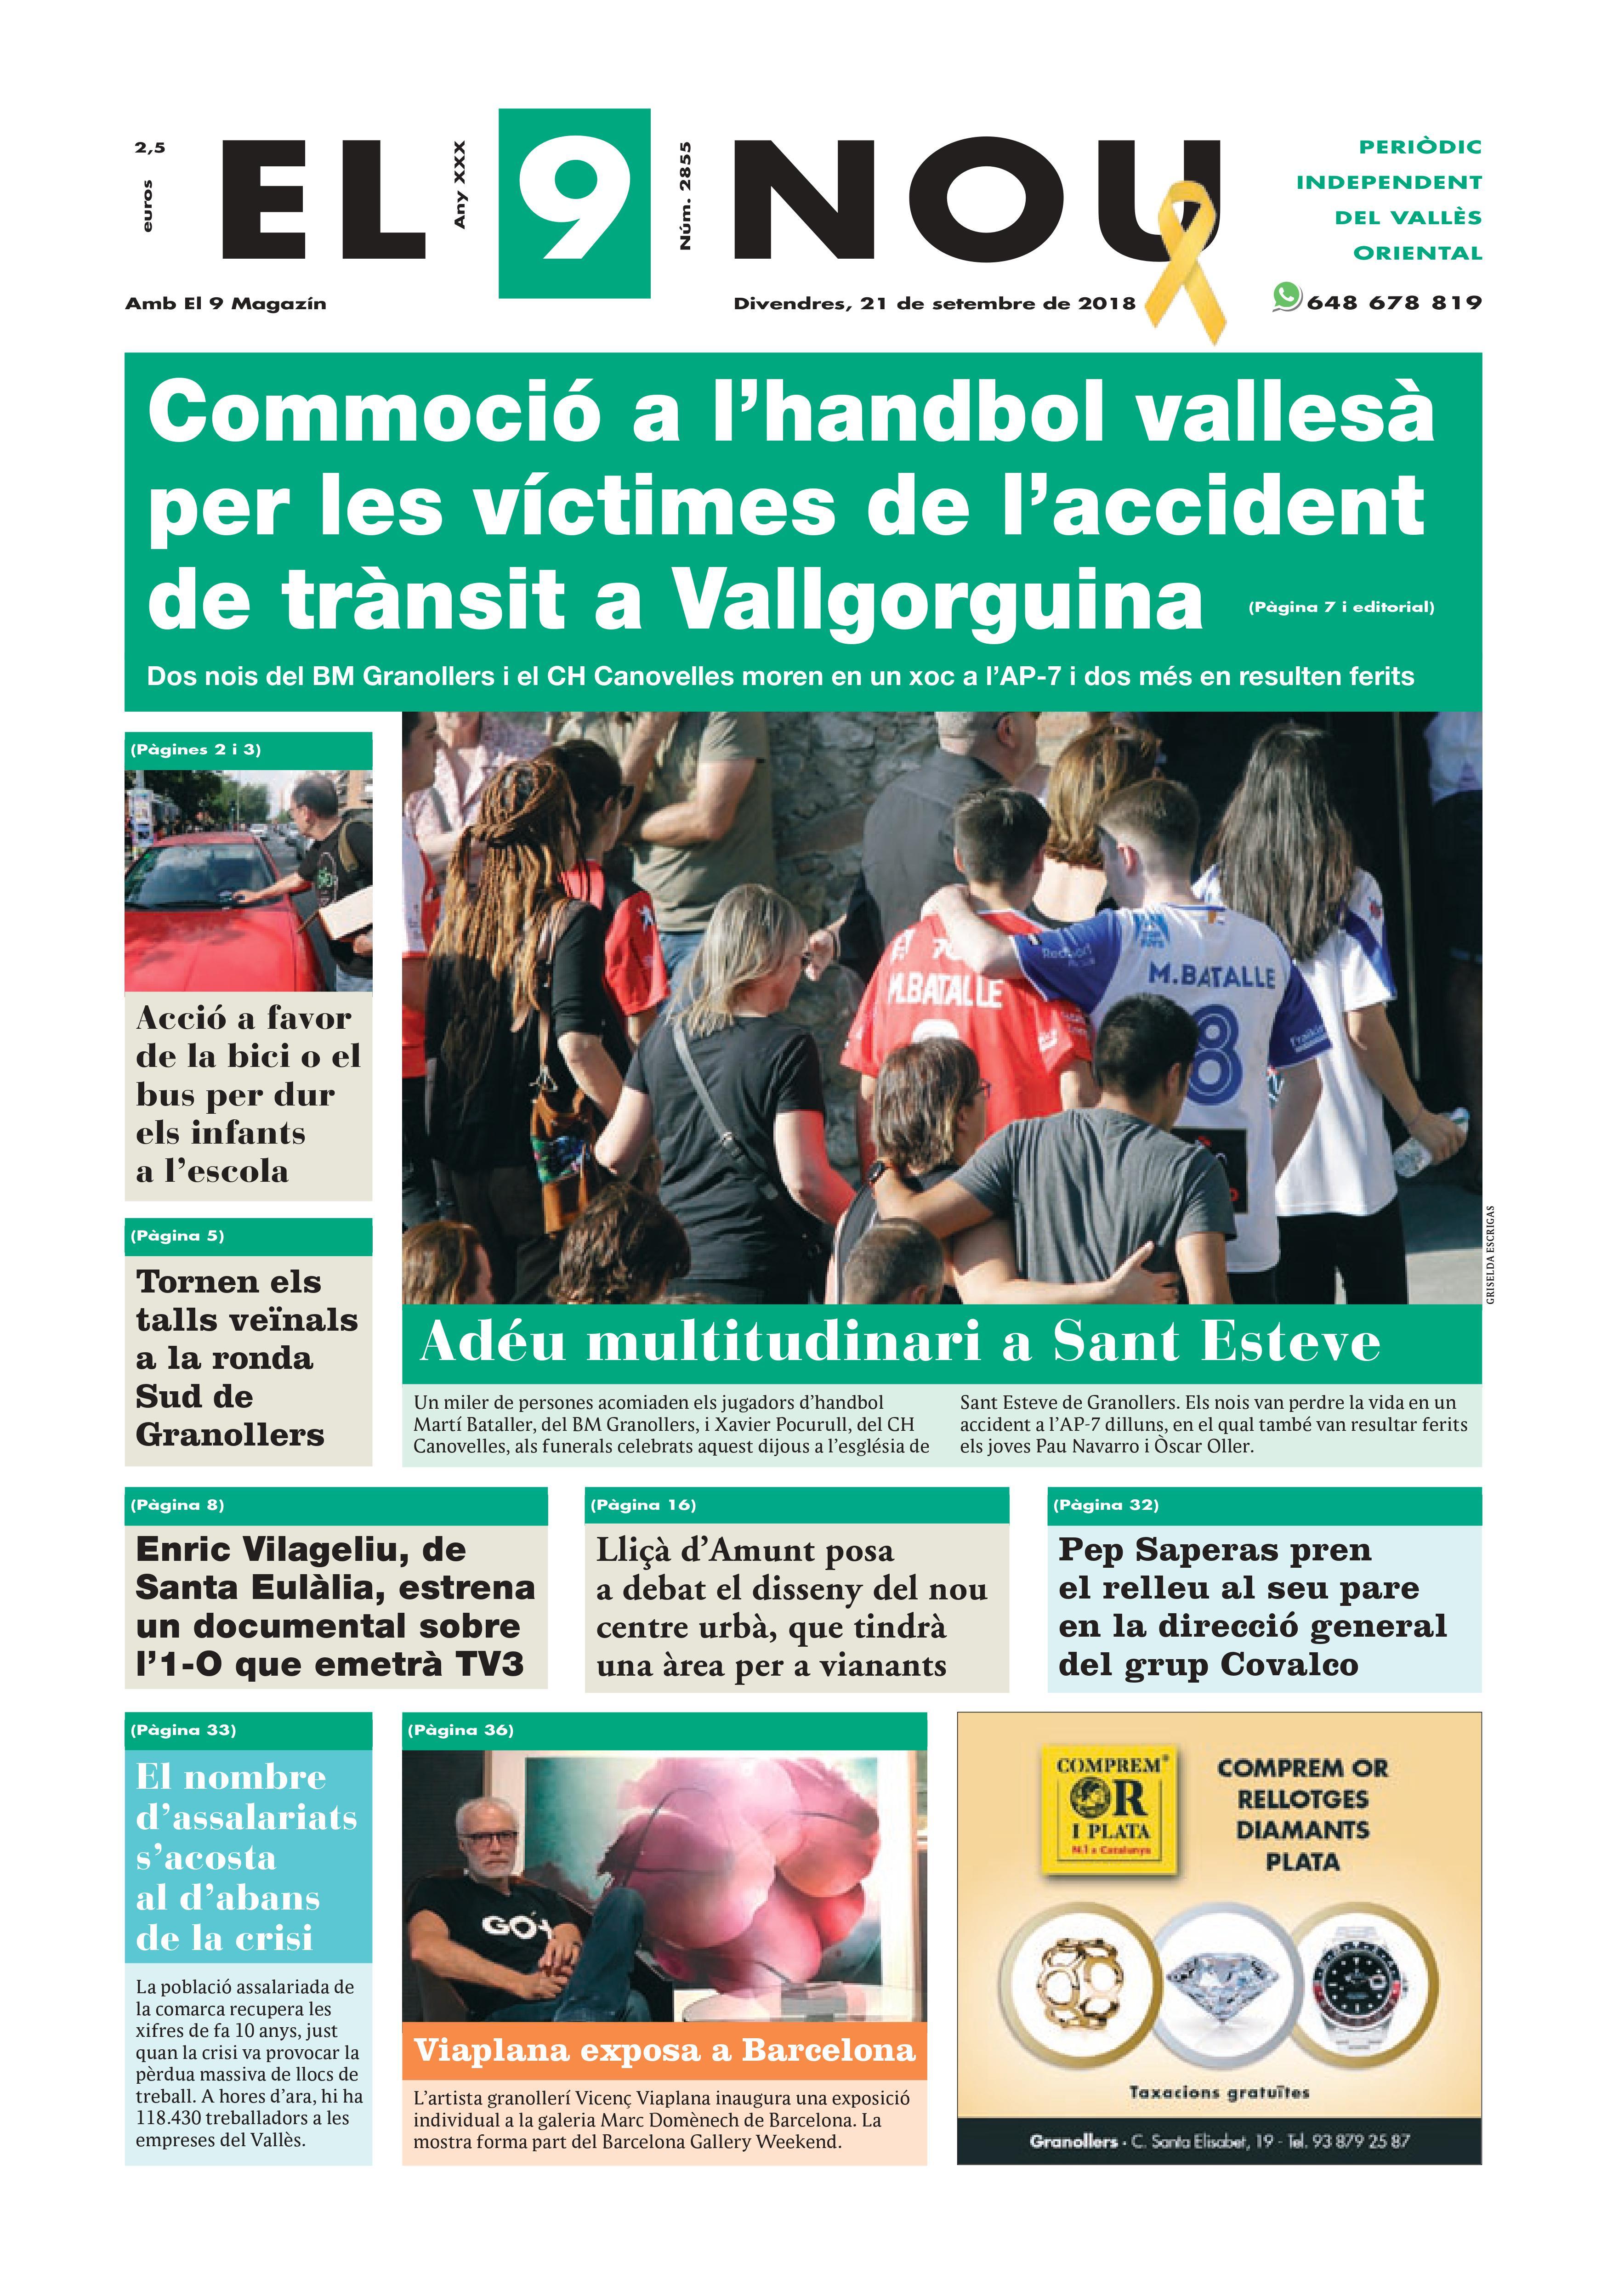 Primera plana EL 9 NOU 21_09_18 Vallès